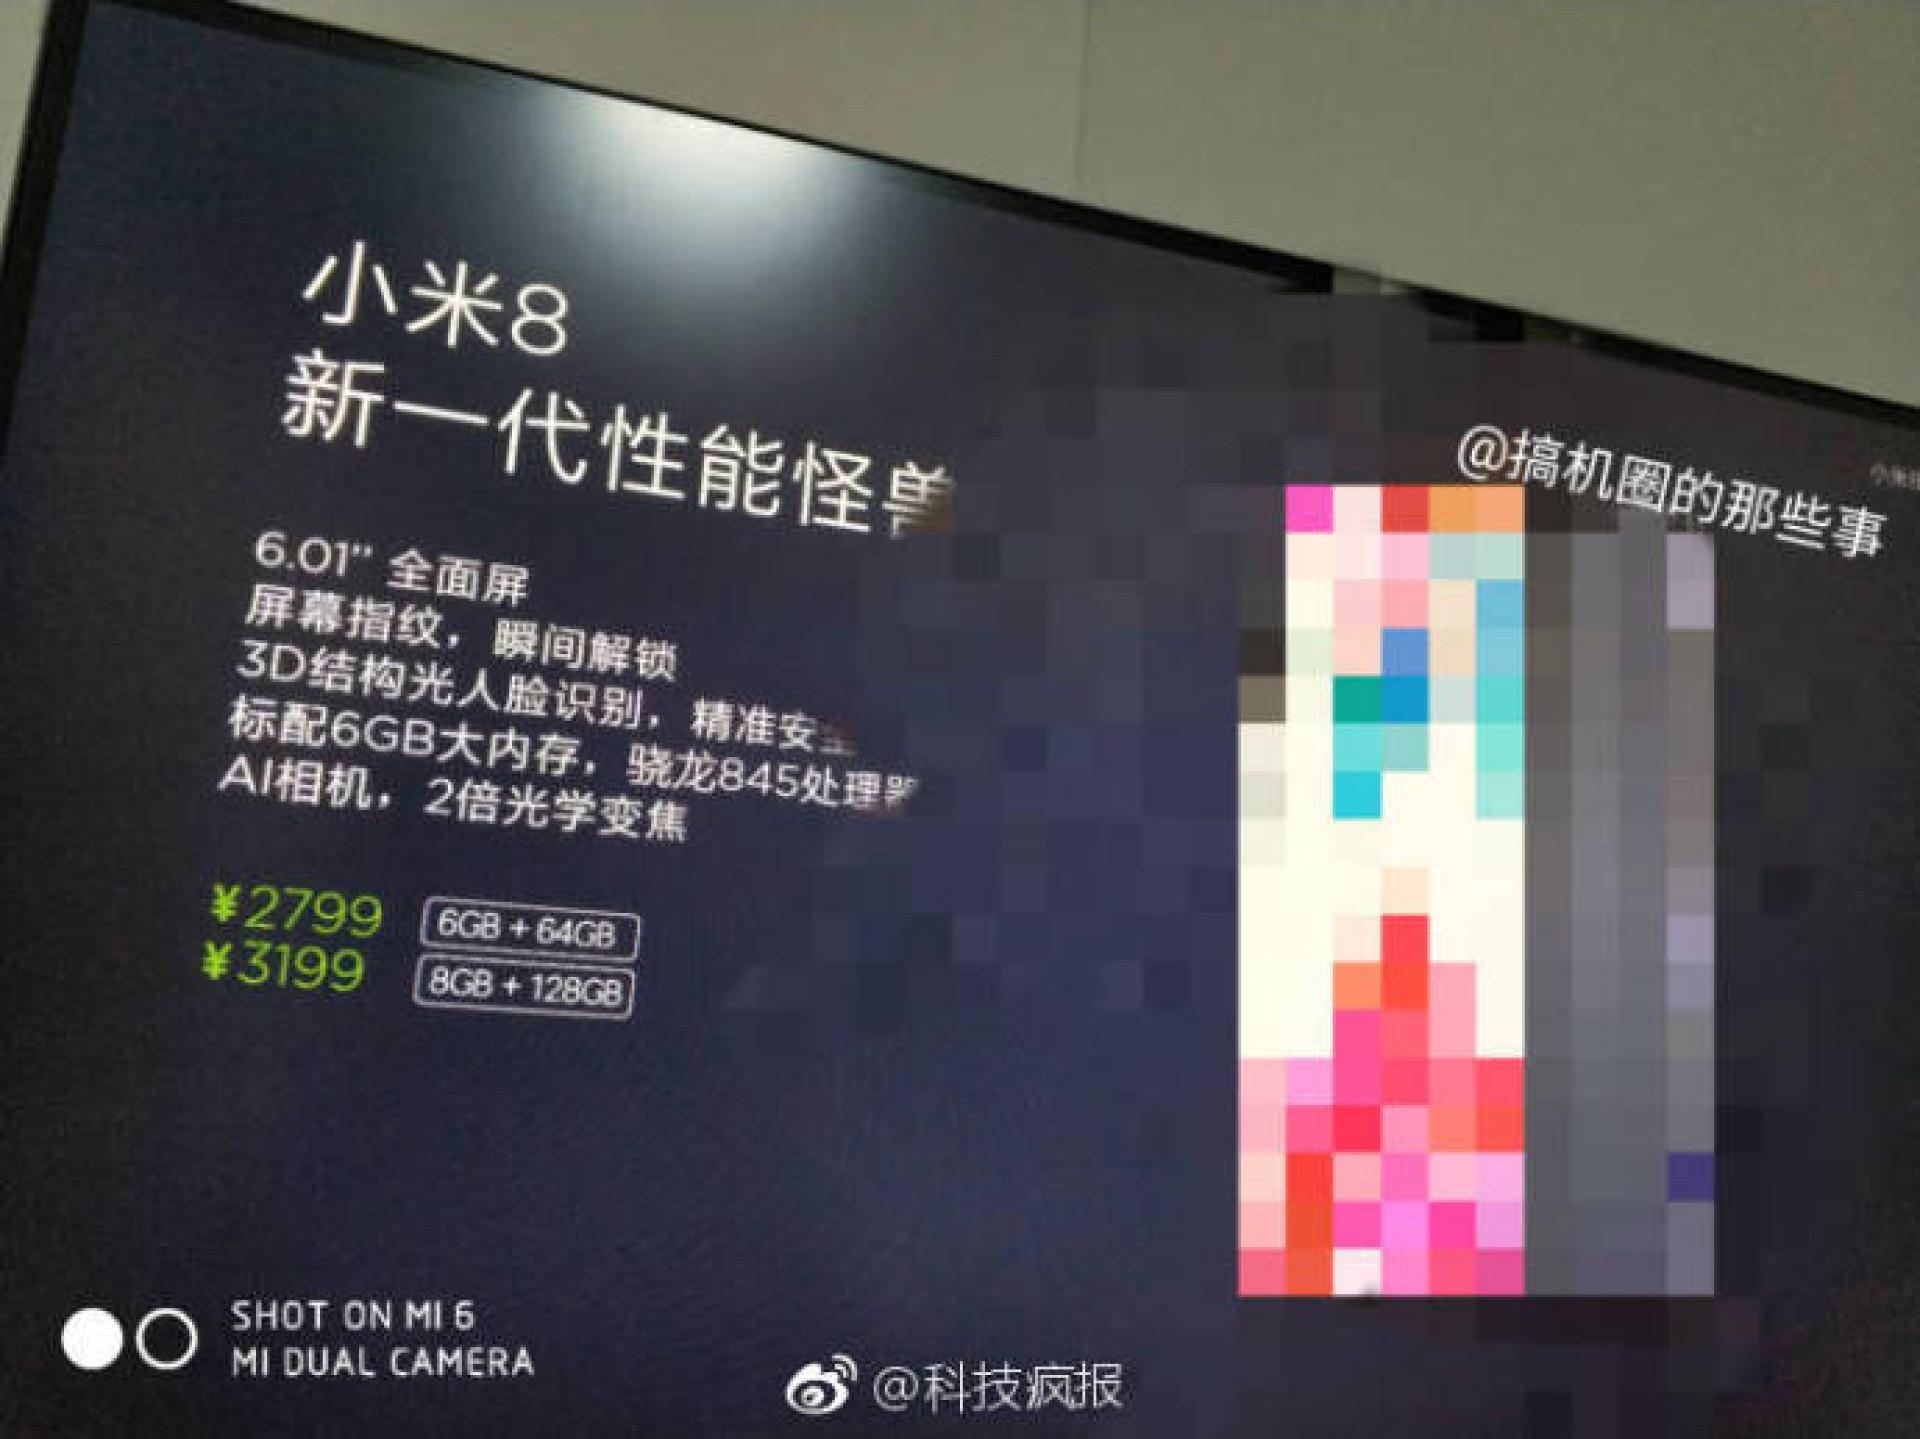 Já é conhecido o preço do próximo topo de gama da Xiaomi